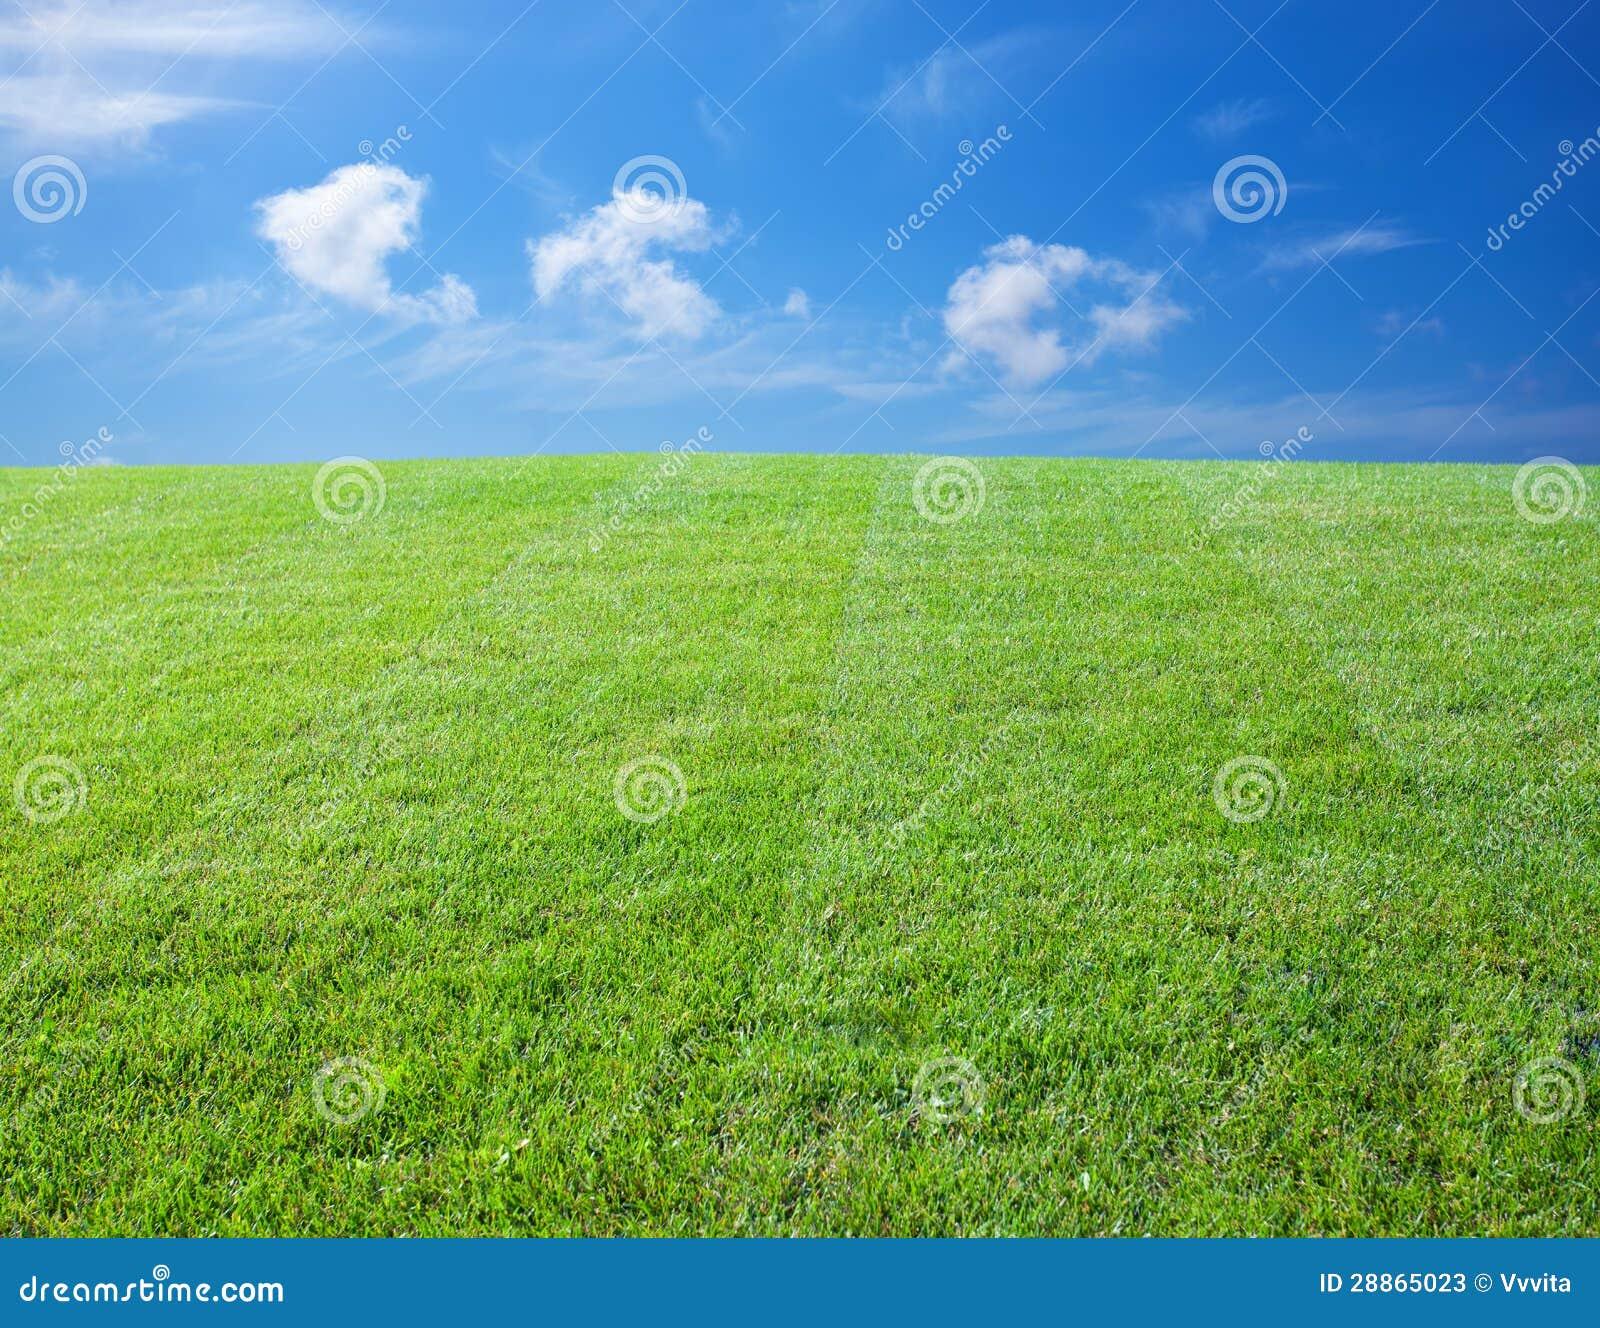 Grüner Rasen